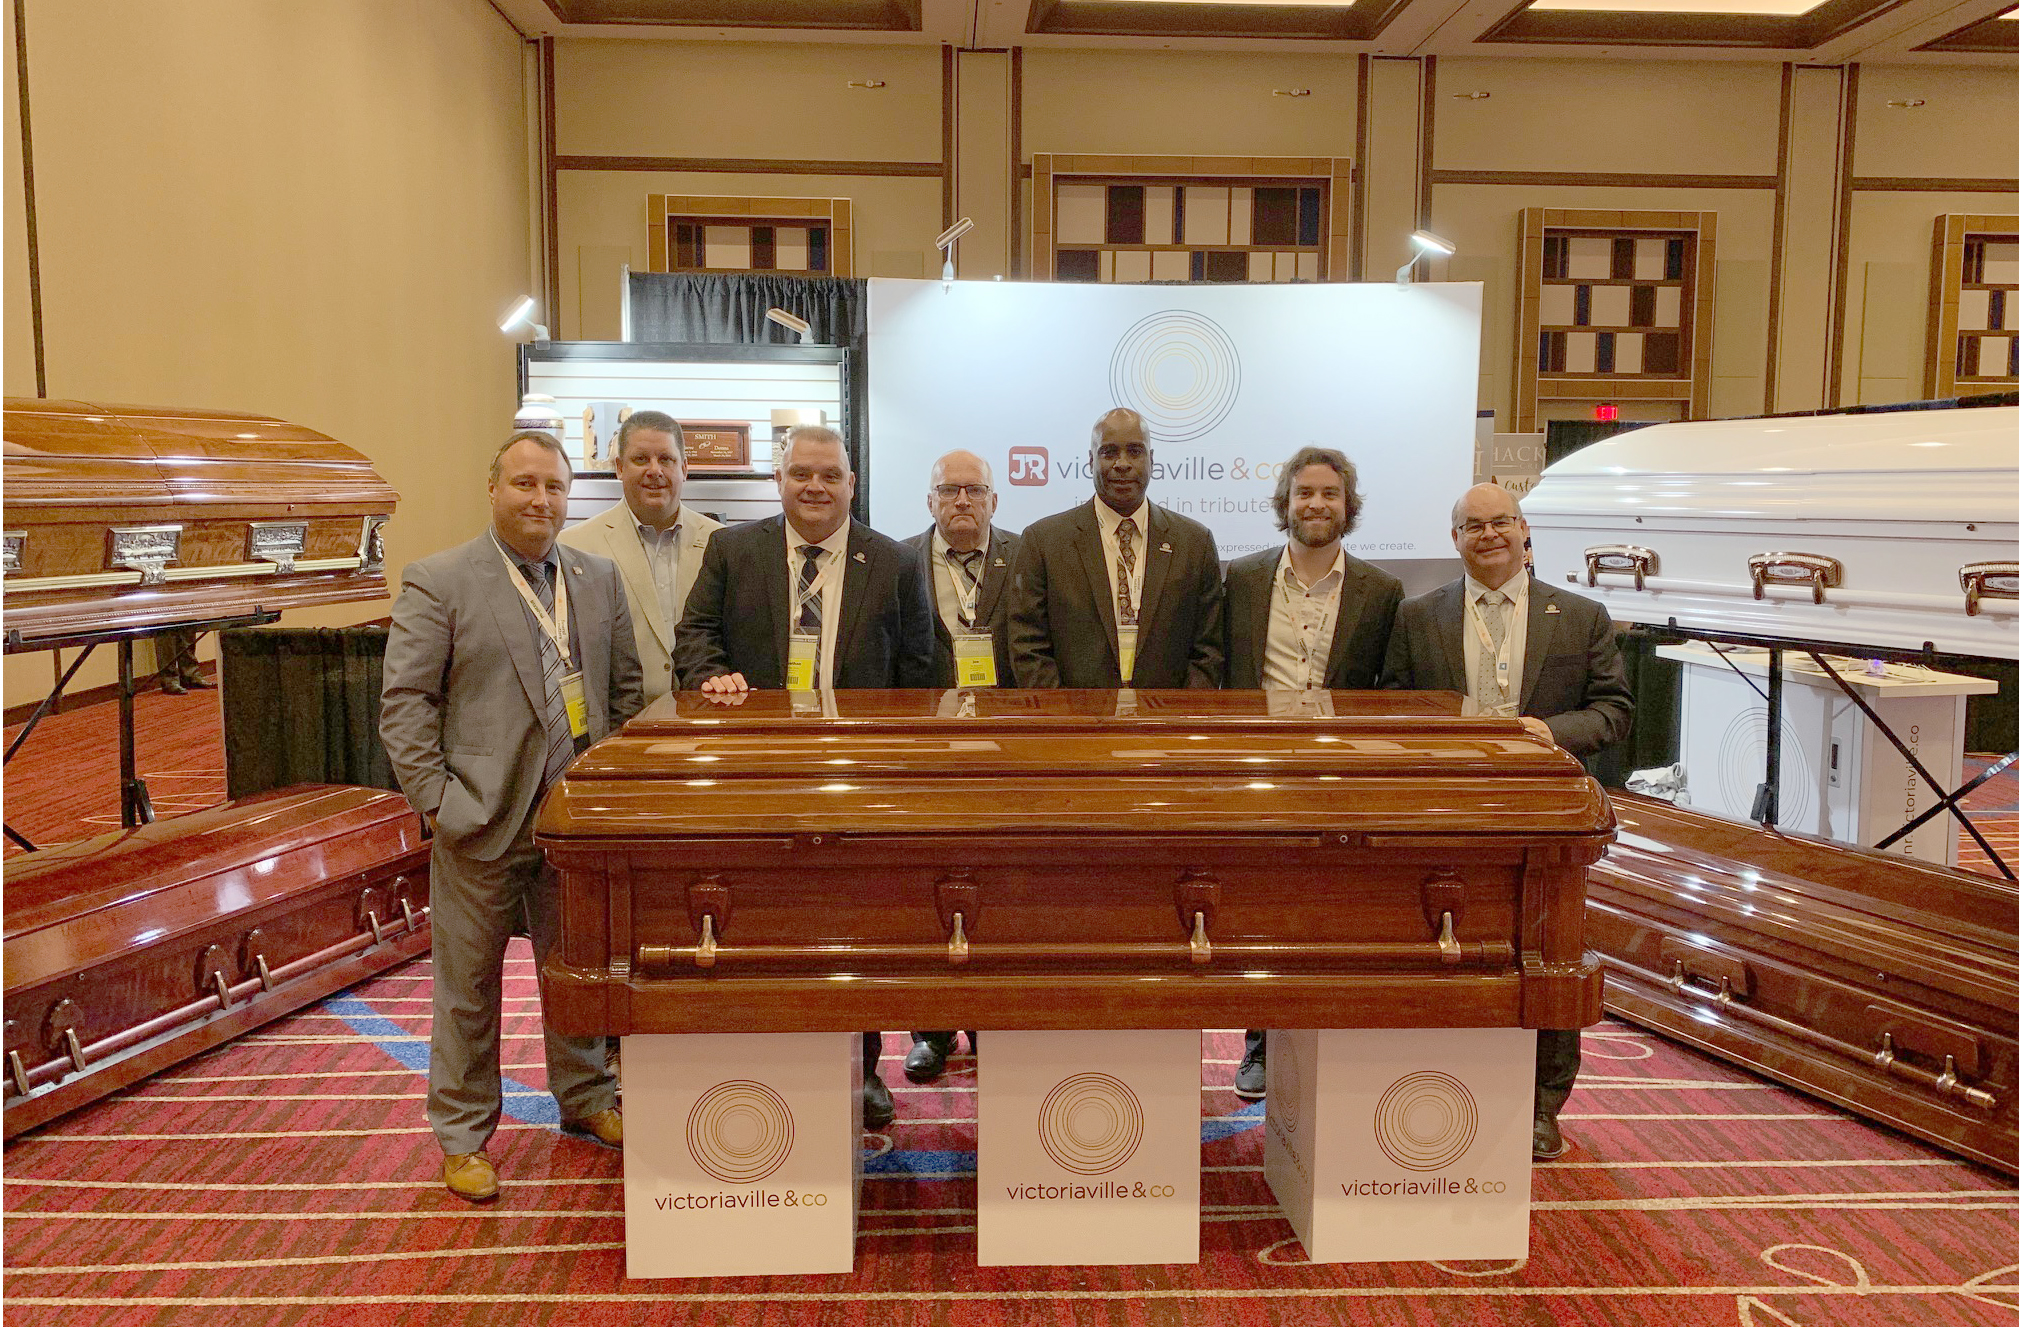 L'équipe de J&R Victoriaville participait au New-Jersey State Funeral Directors' Association Convention les 17-18-19 septembre 2019 à Atlantic City